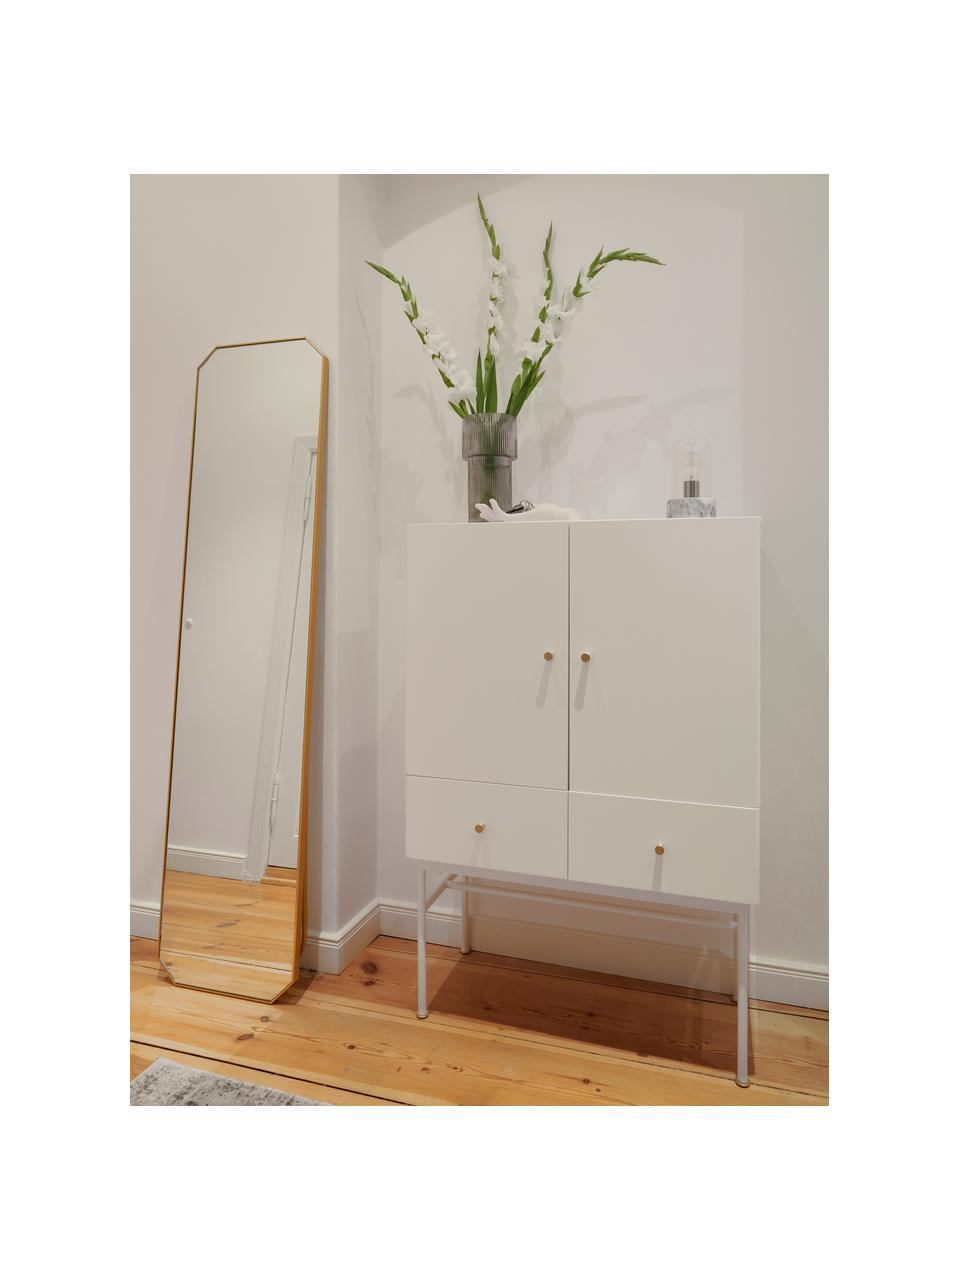 Specchio da terra con cornice dorata Bavado, Cornice: alluminio rivestito, Superficie dello specchio: lastra di vetro, Ottone, Larg. 41 x Alt. 175 cm